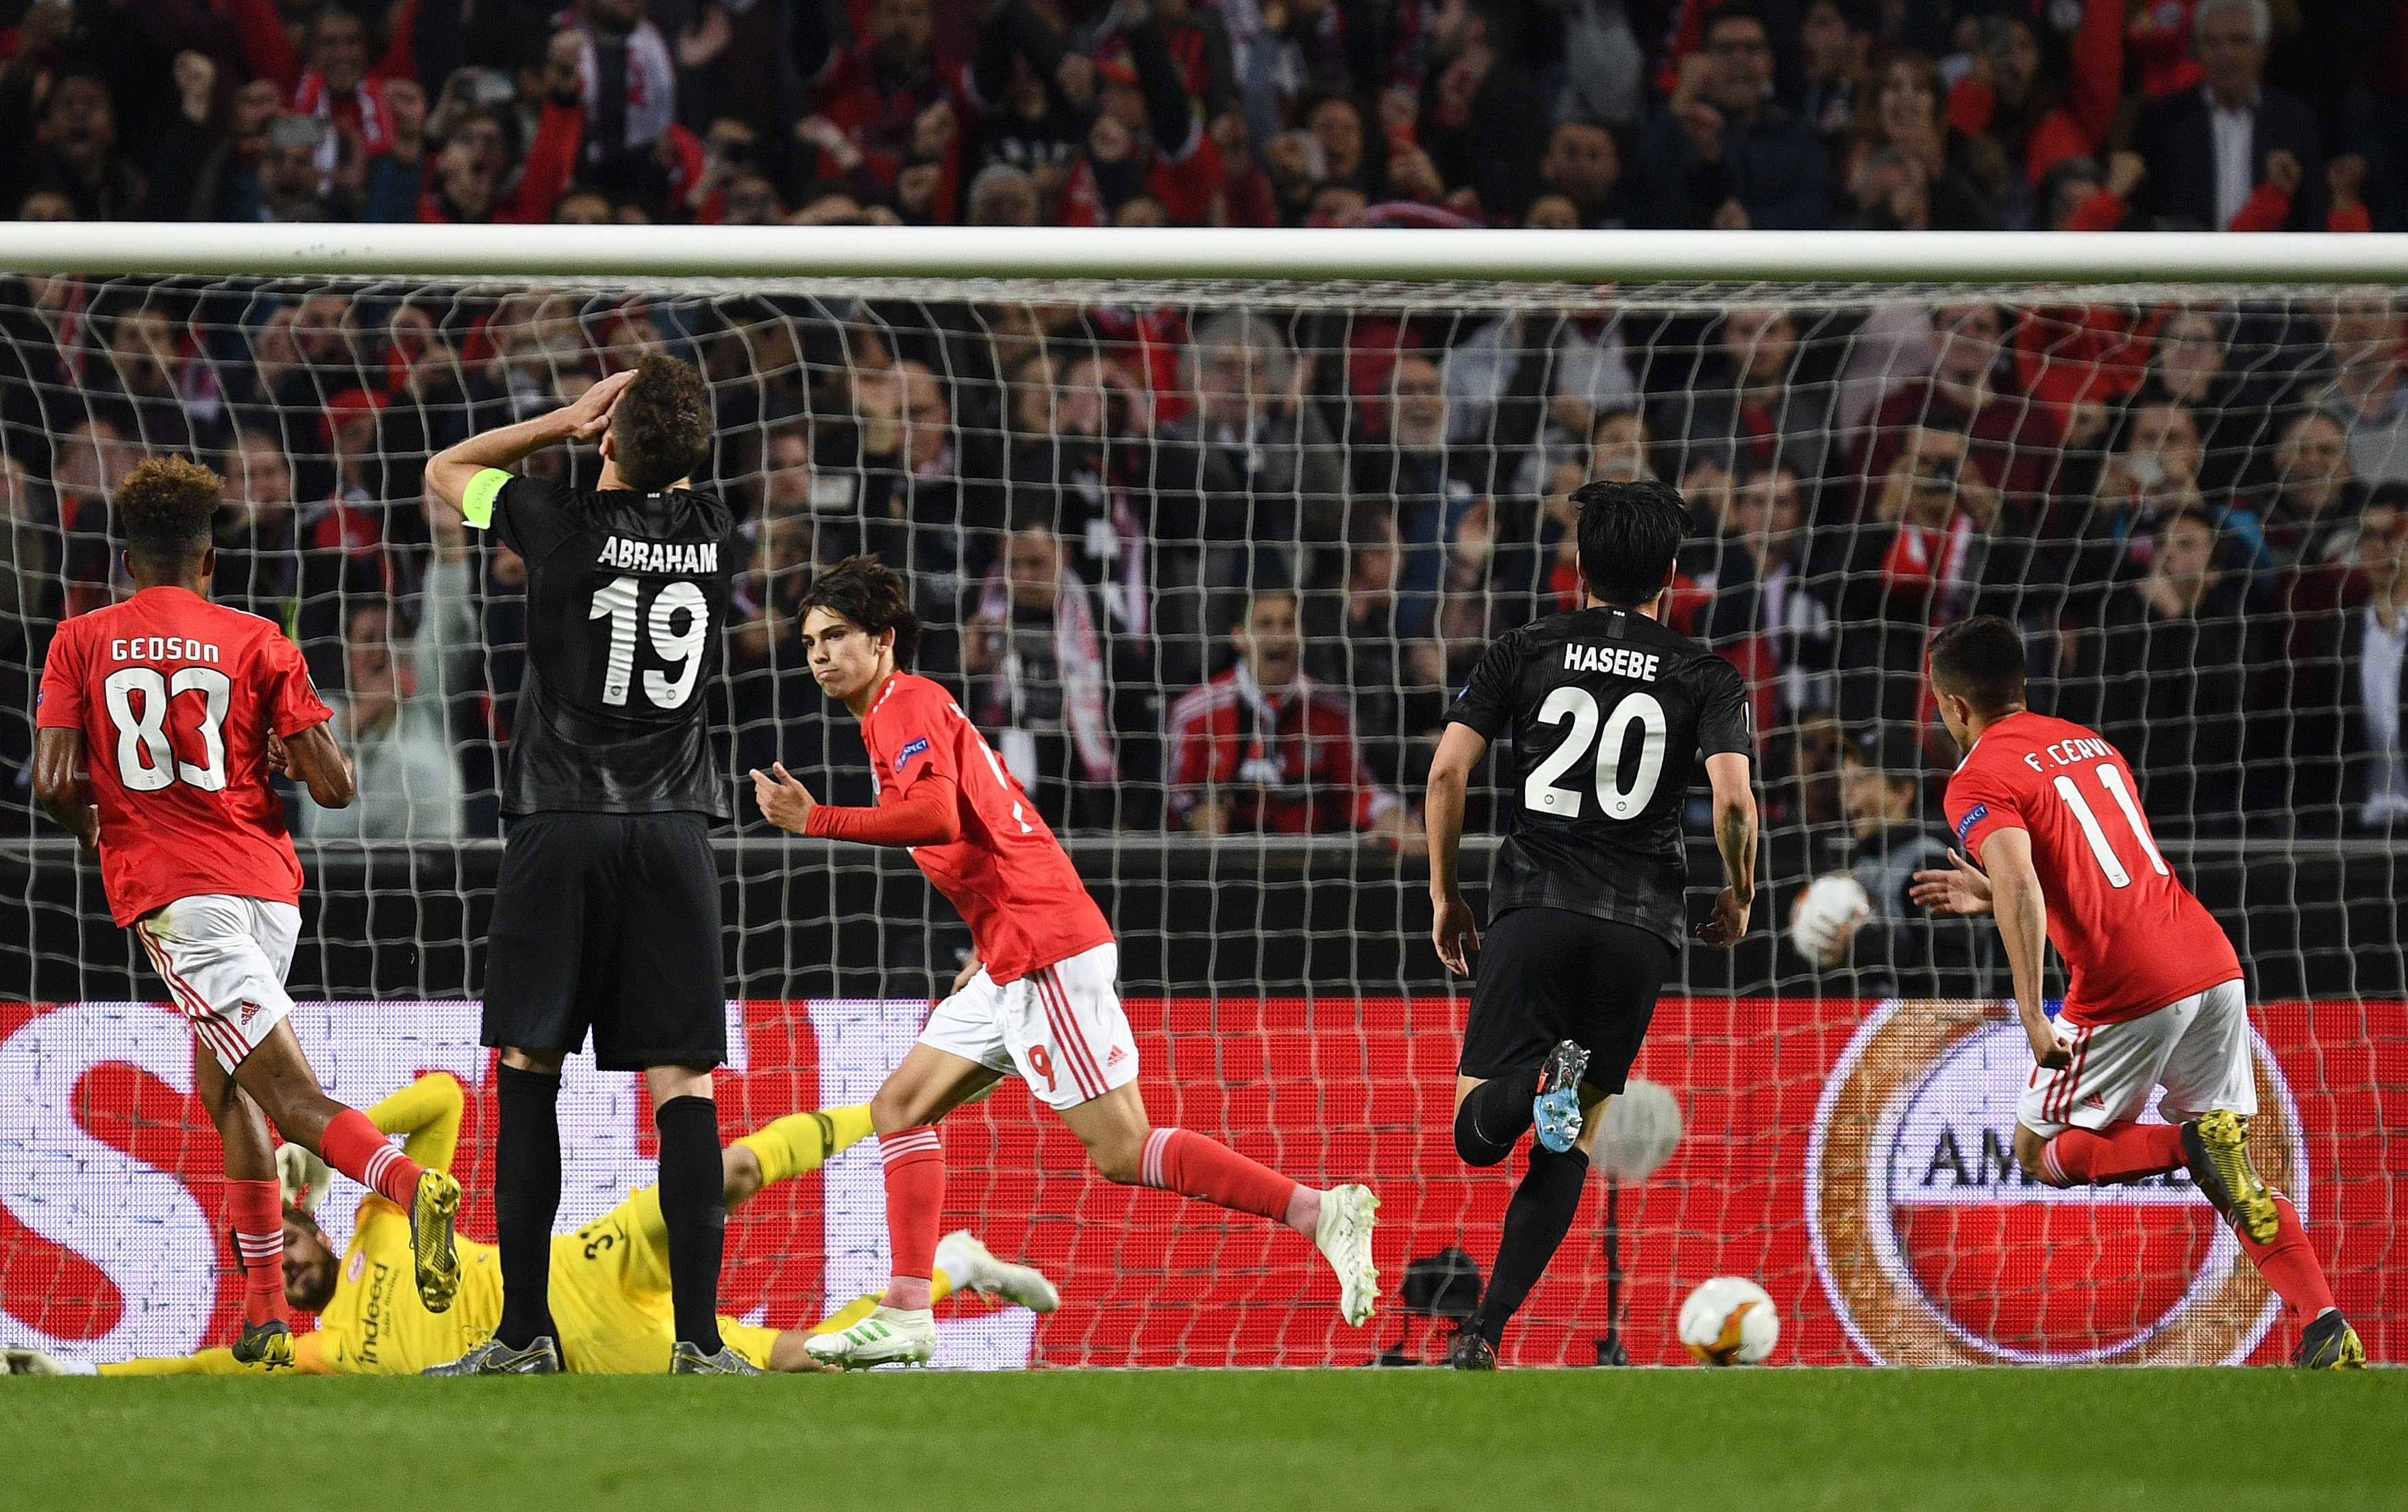 Атлетико Мадрид ще трябва да плати допълнителна сума от обявените